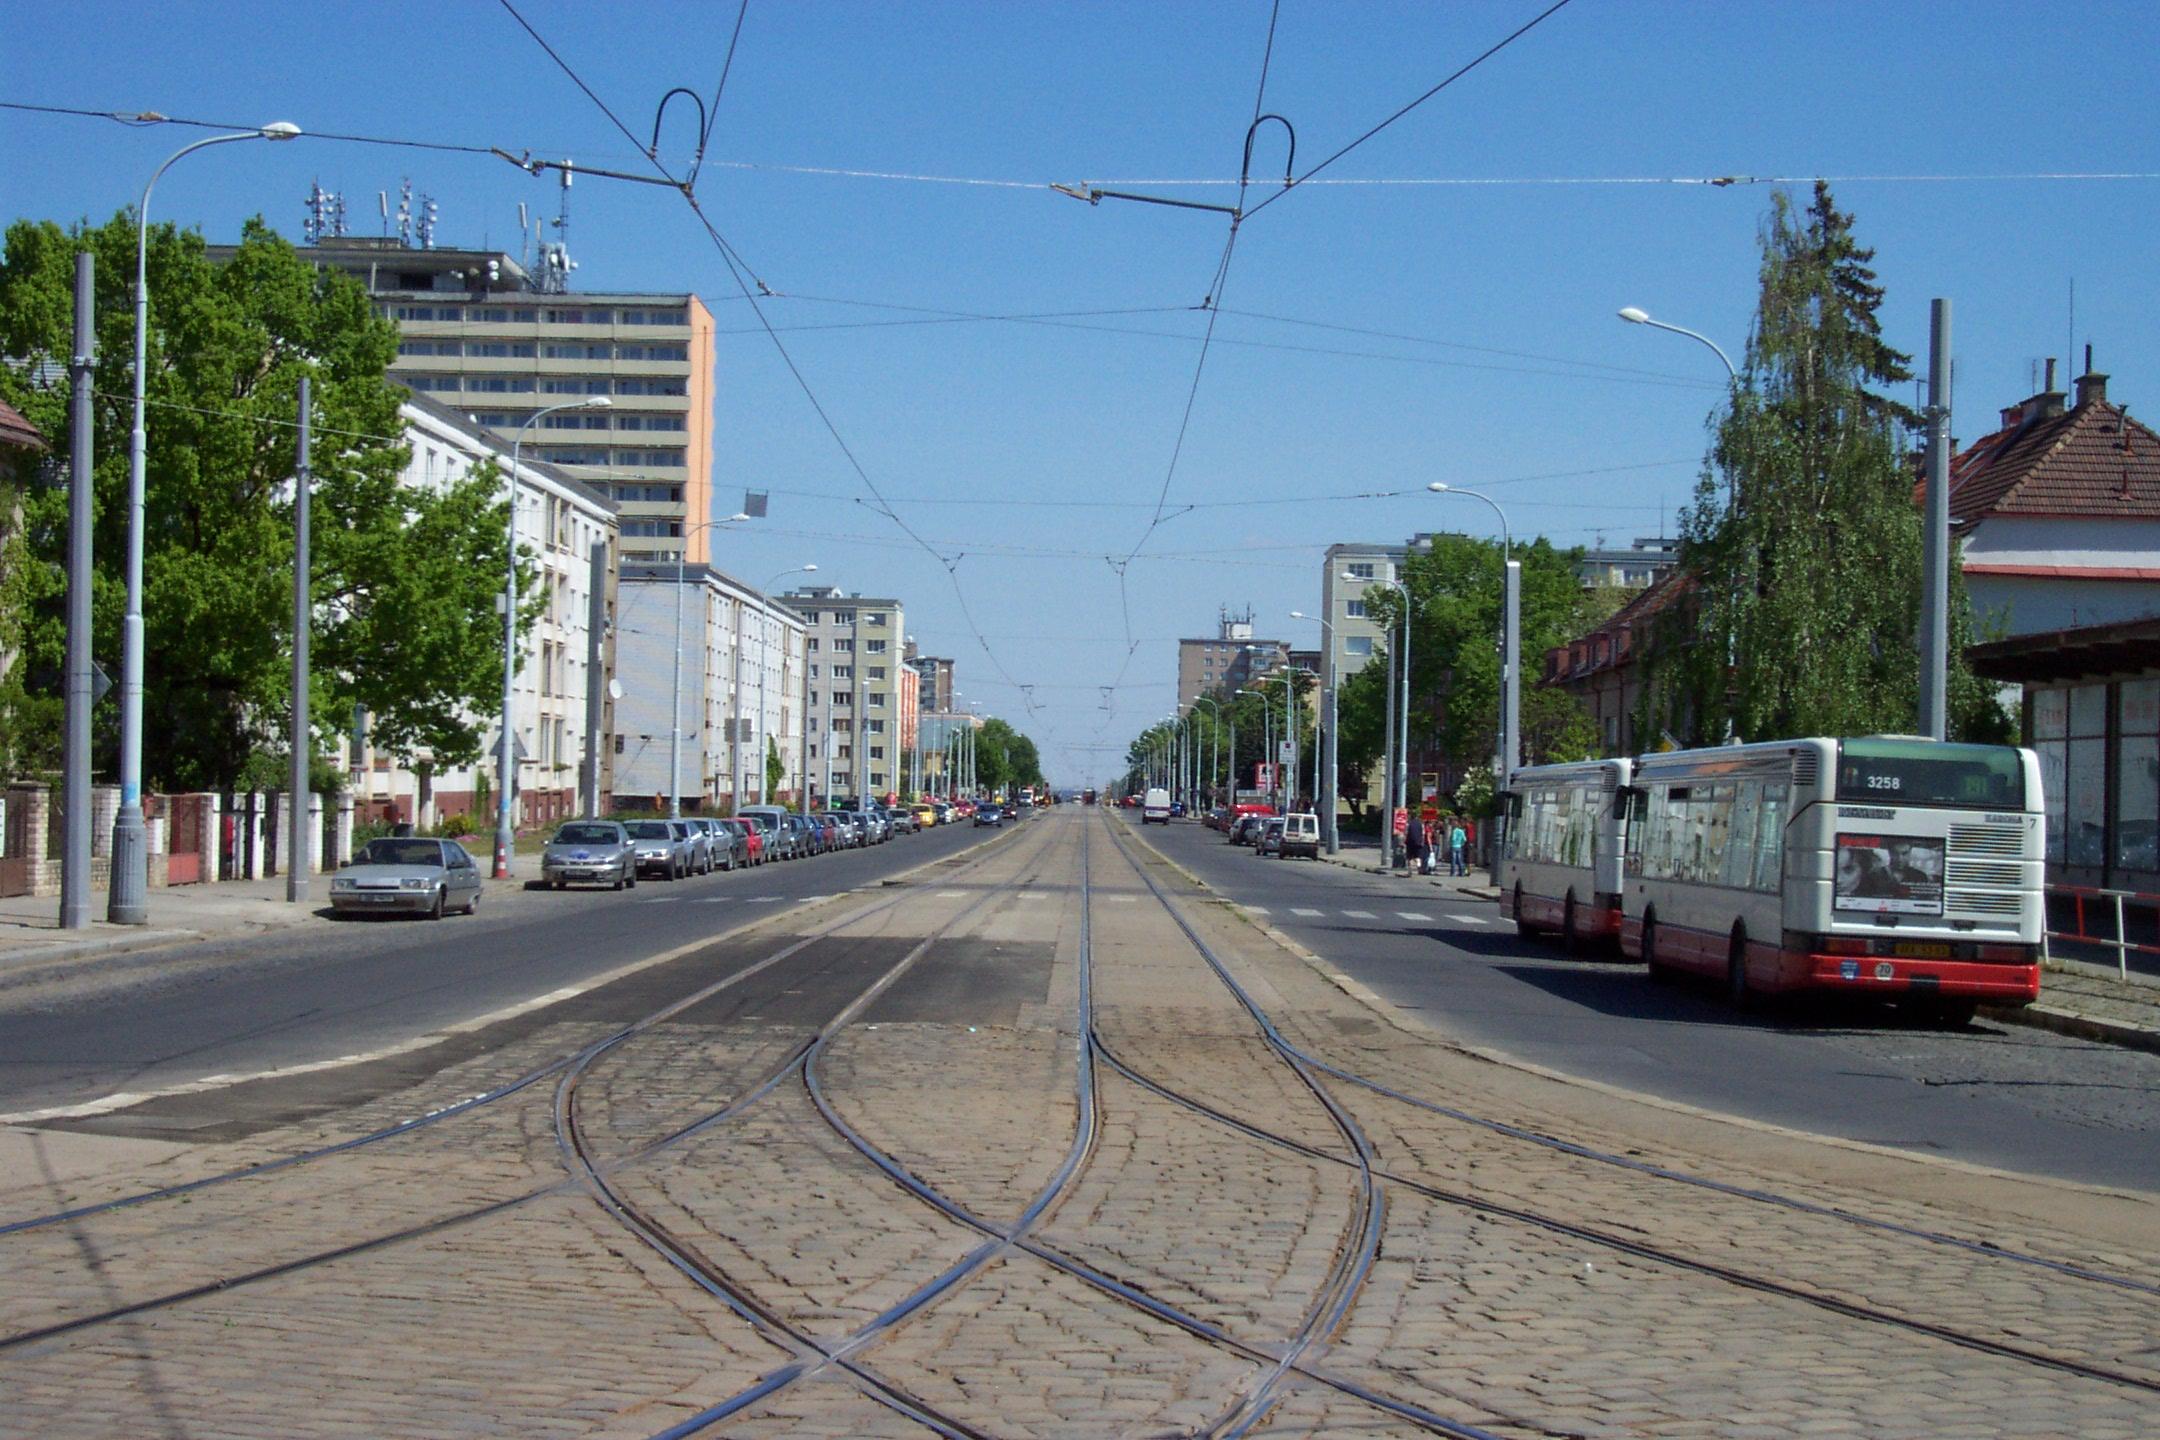 file praha břevnov petřiny tramvajová trať jpg original file